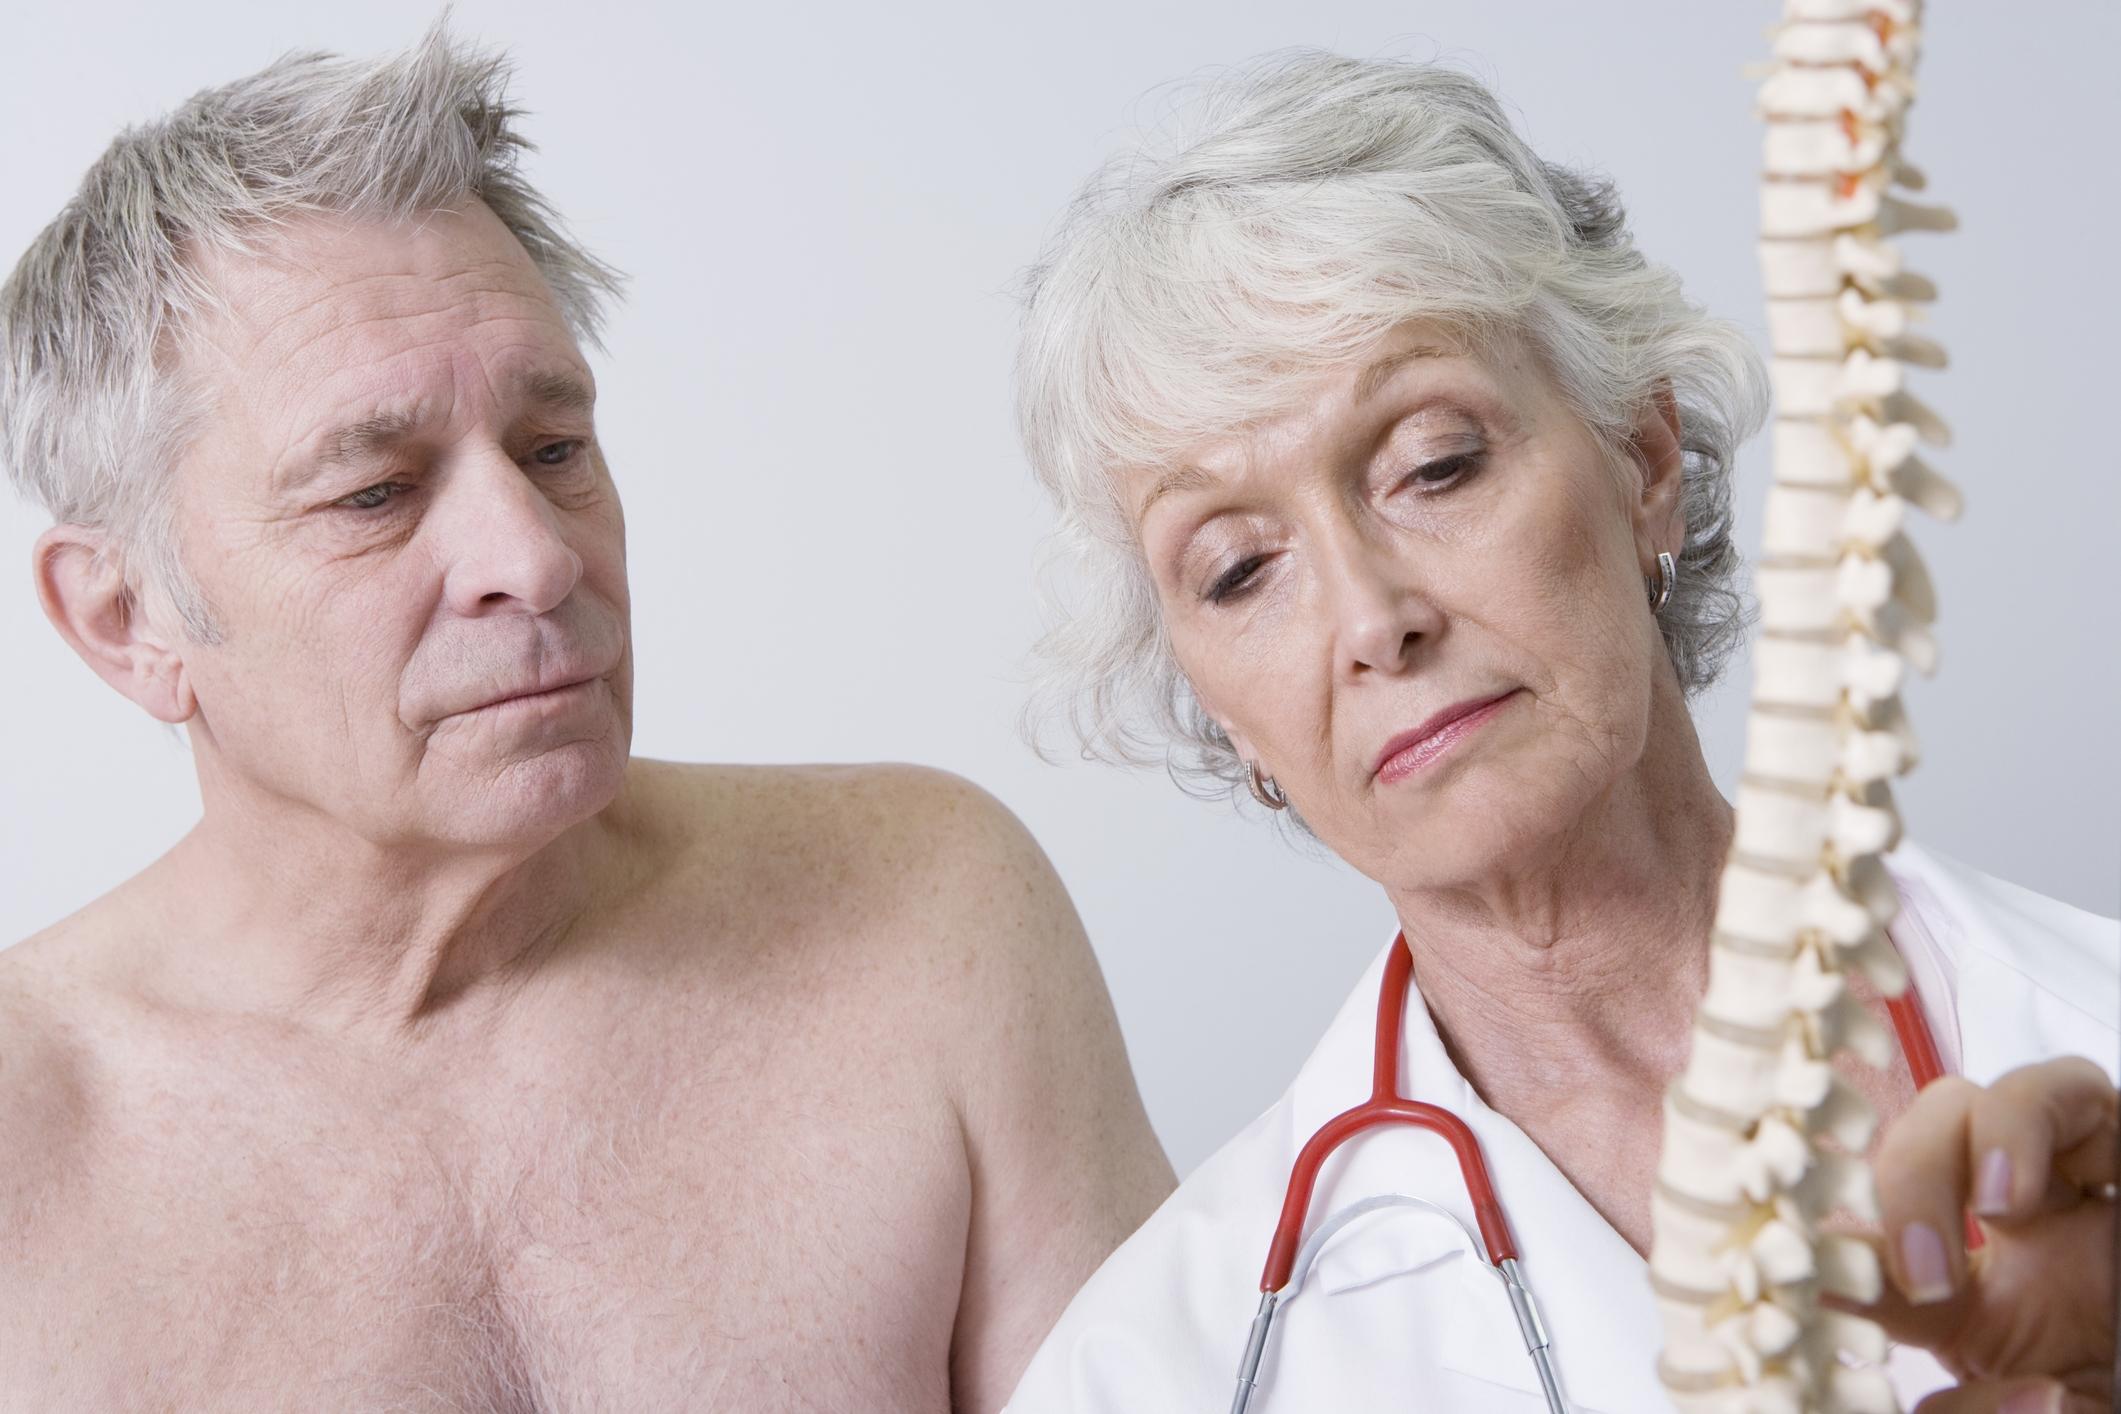 Лечебная физкультура (ЛФК) при компрессионном переломе